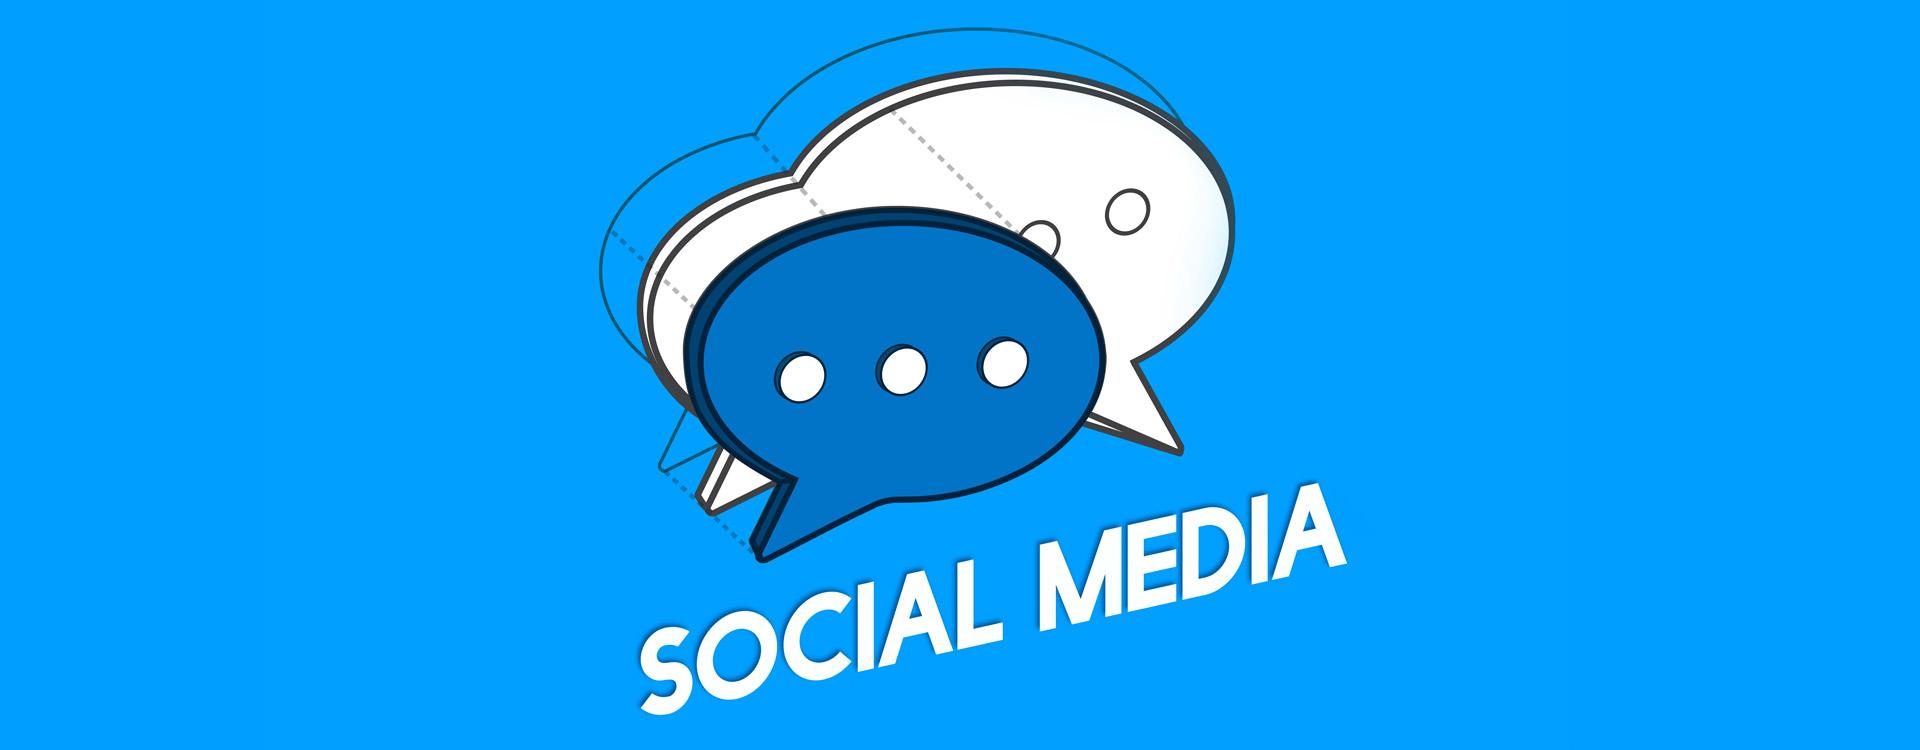 10 Laws of Social Media Marketing: